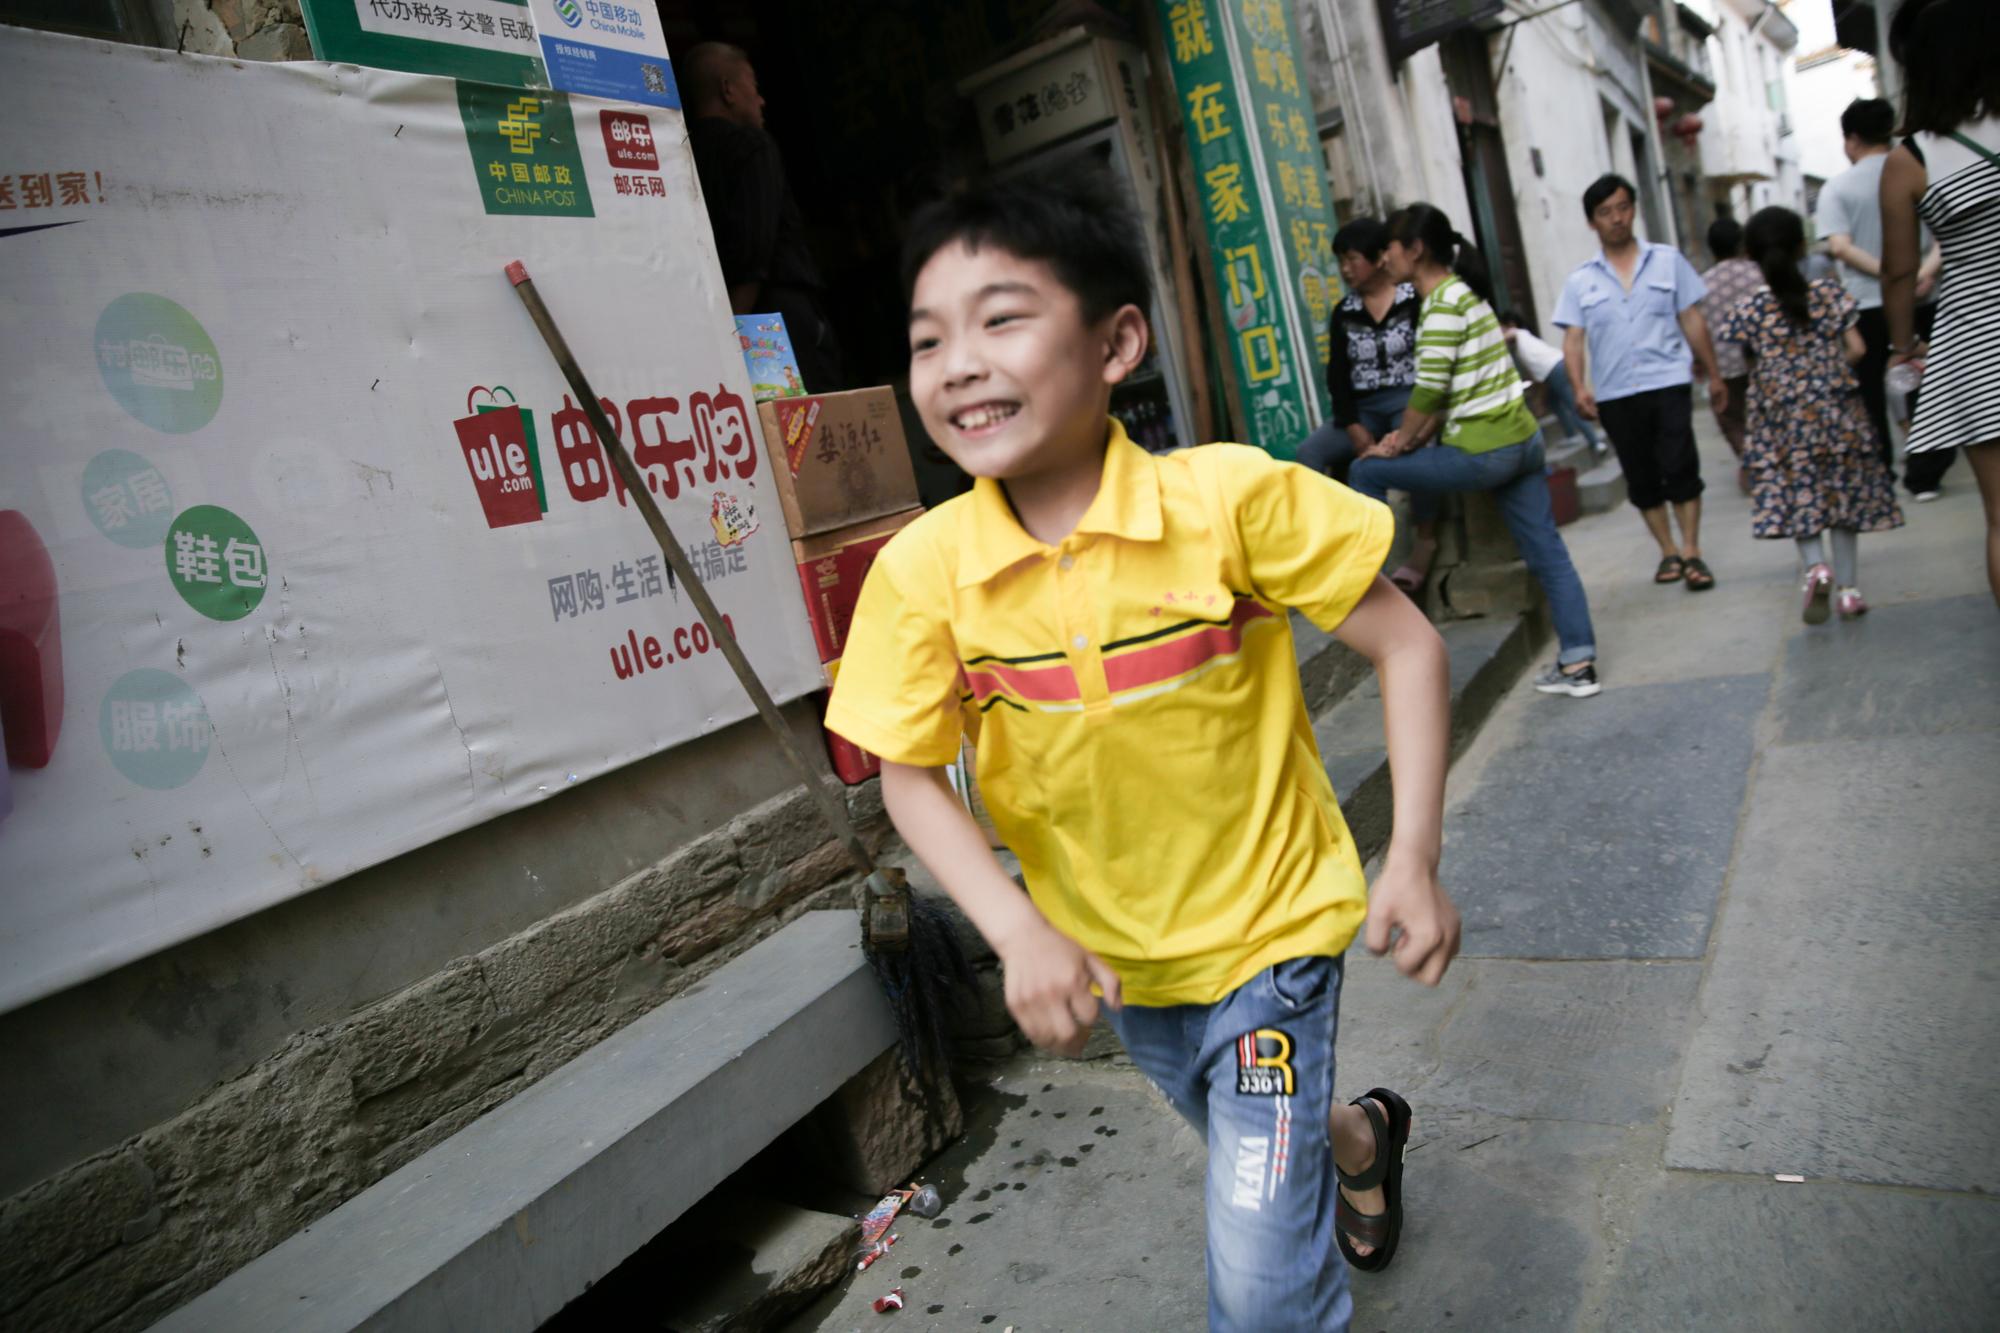 Wuyuan, China